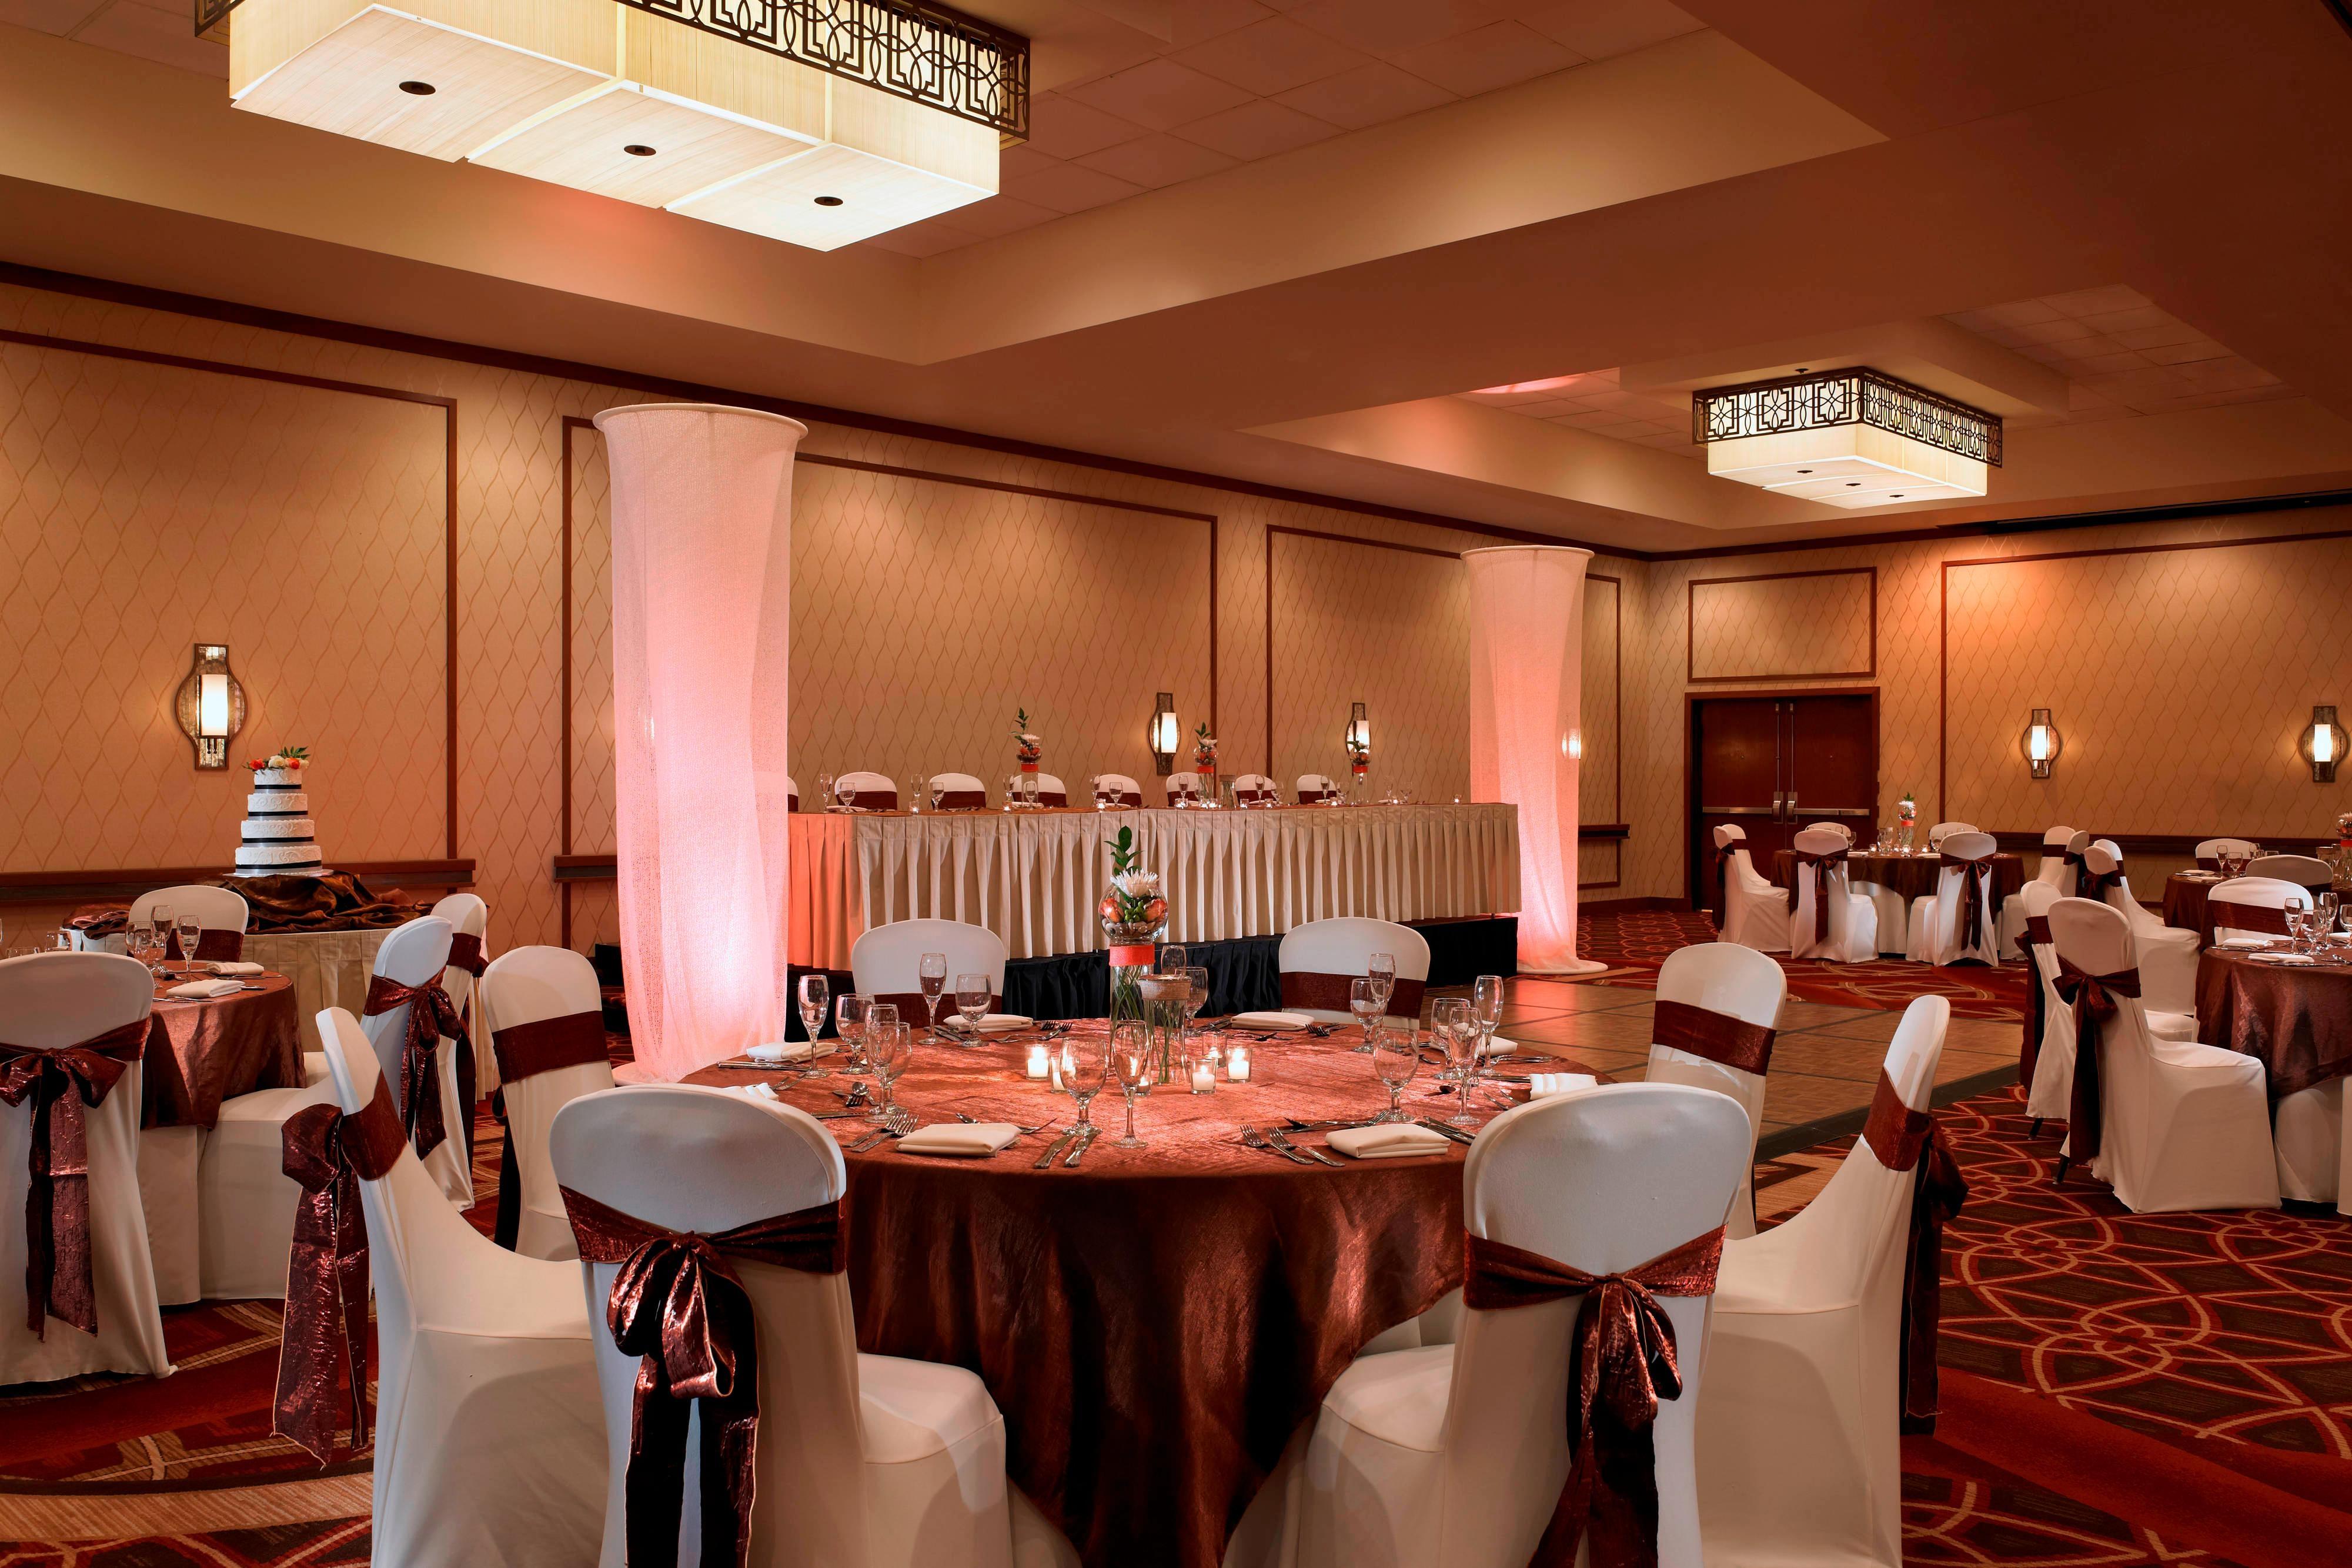 Grand Ballroom - Social